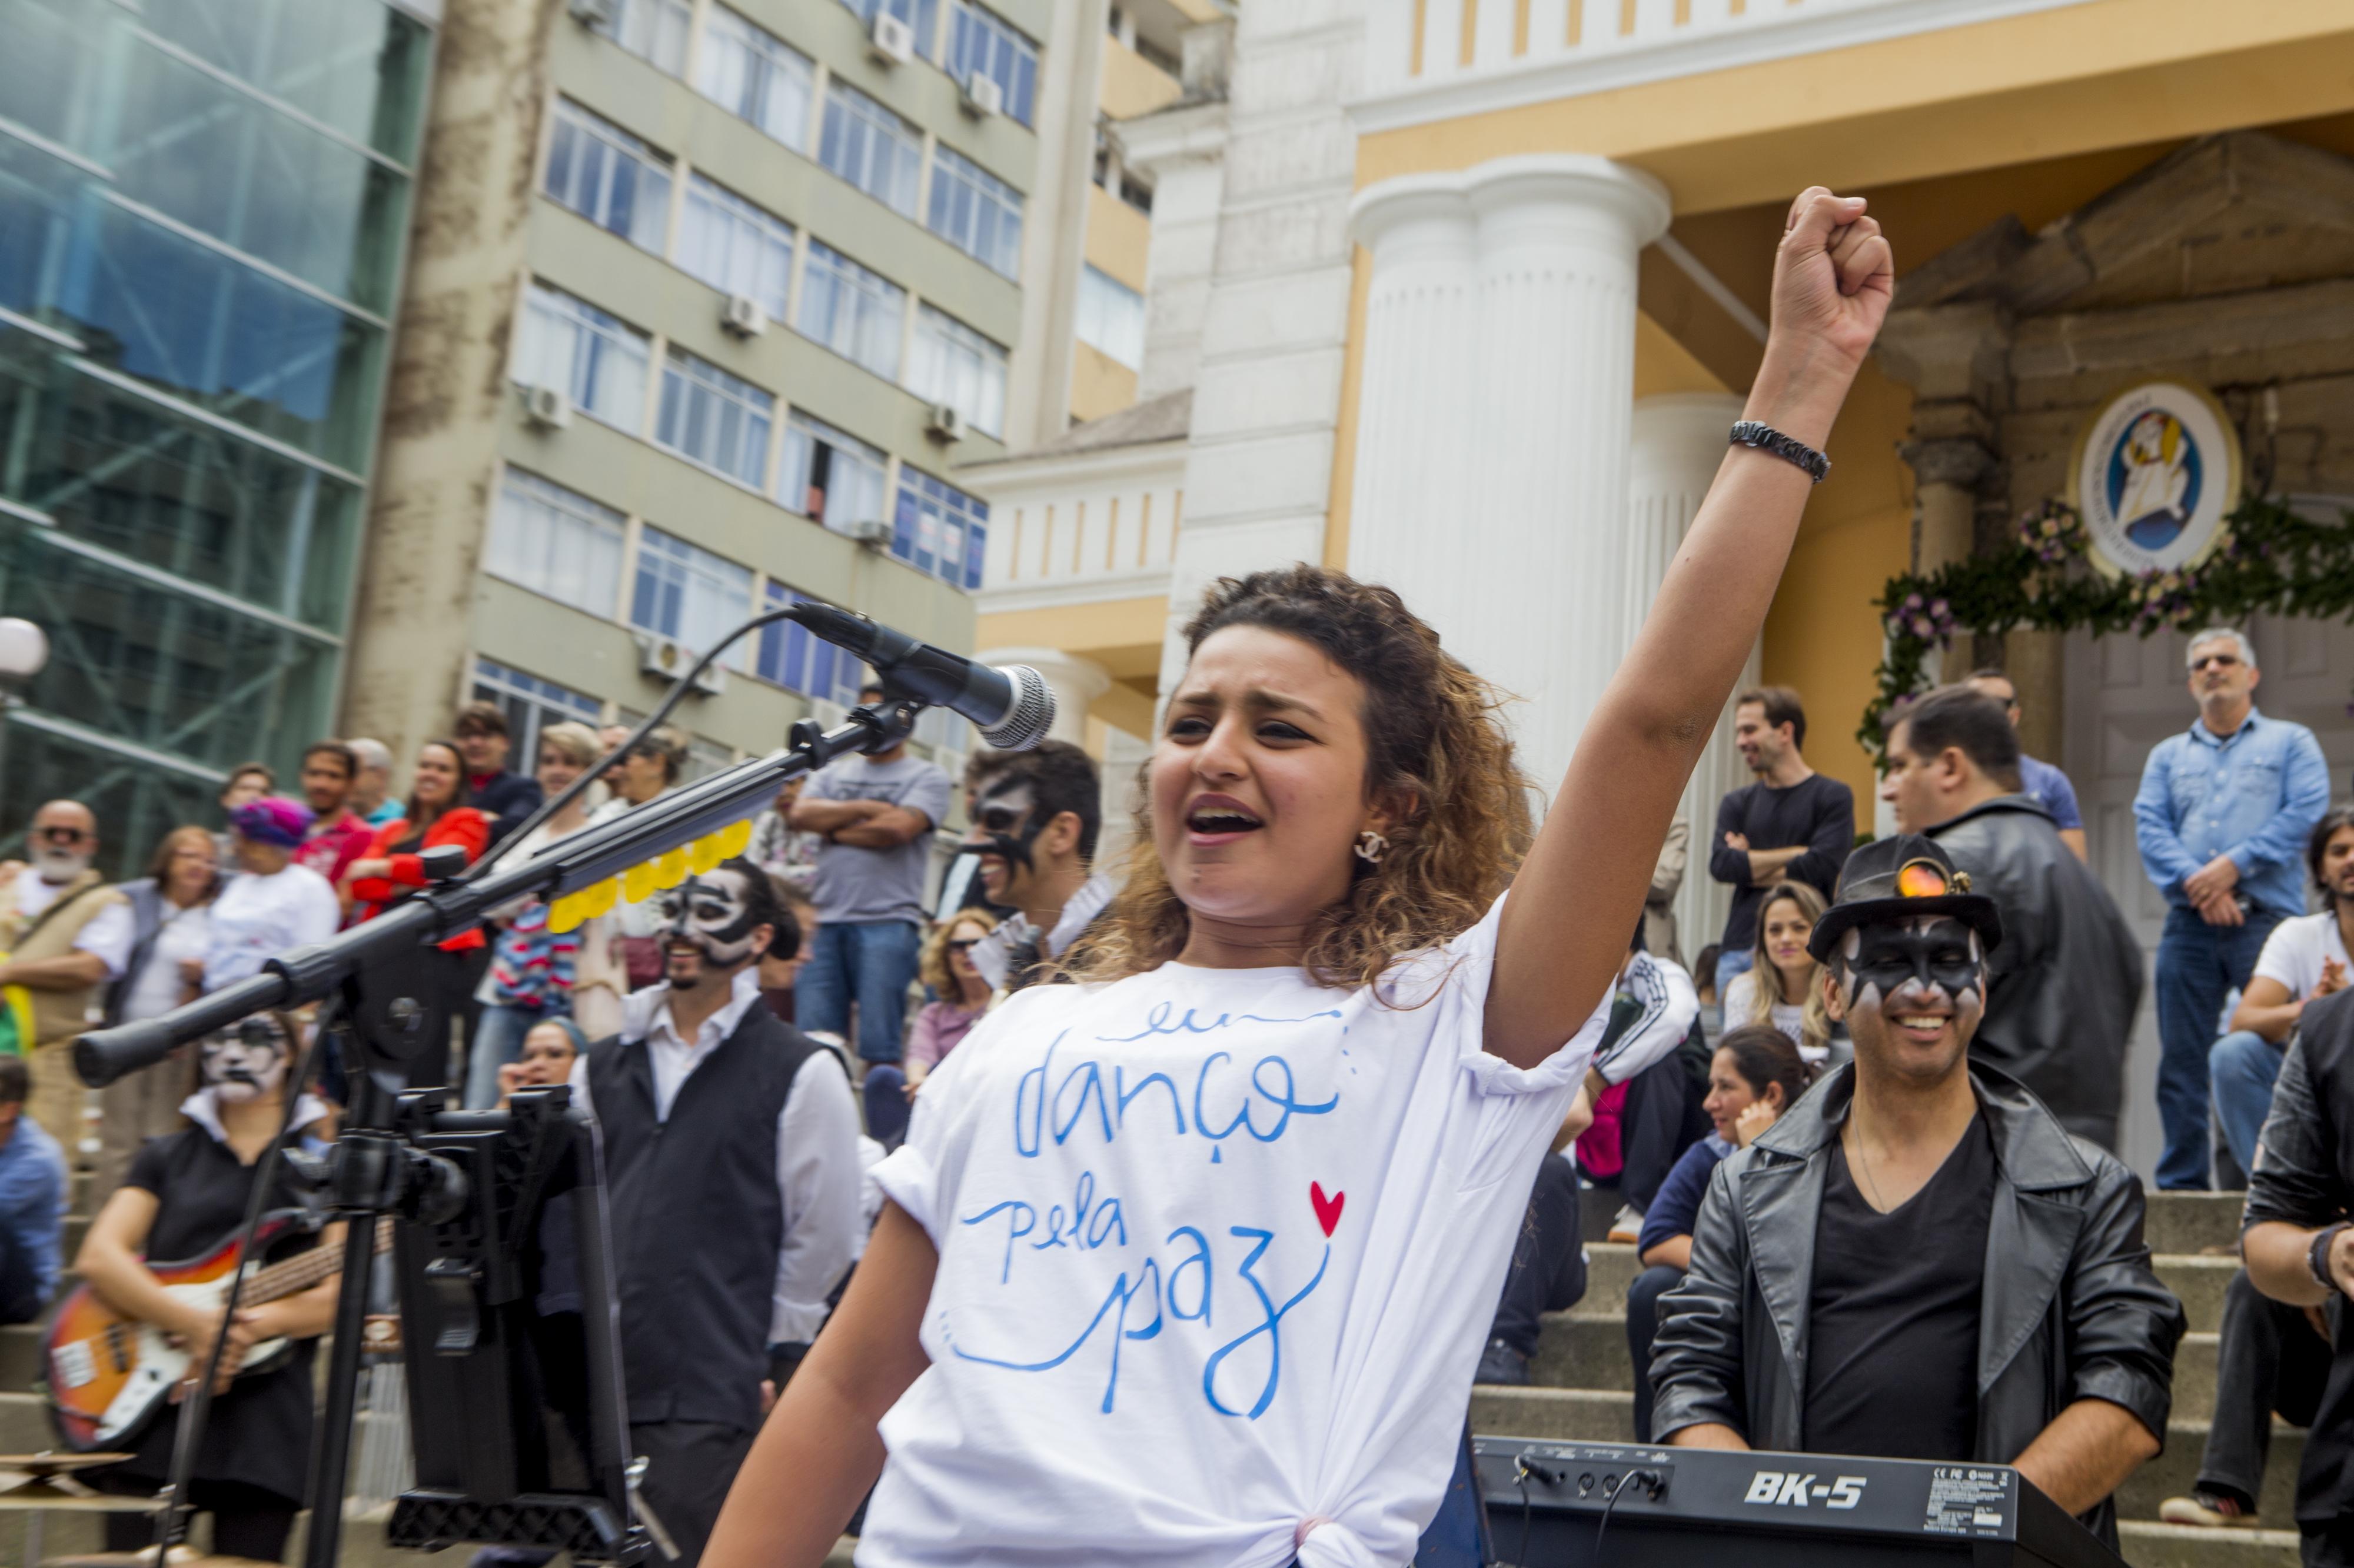 Egípicia vice-presidente do Fórum Mundial da Paz da Juventude se emocionou com apresentação - Flávio Tin/ND